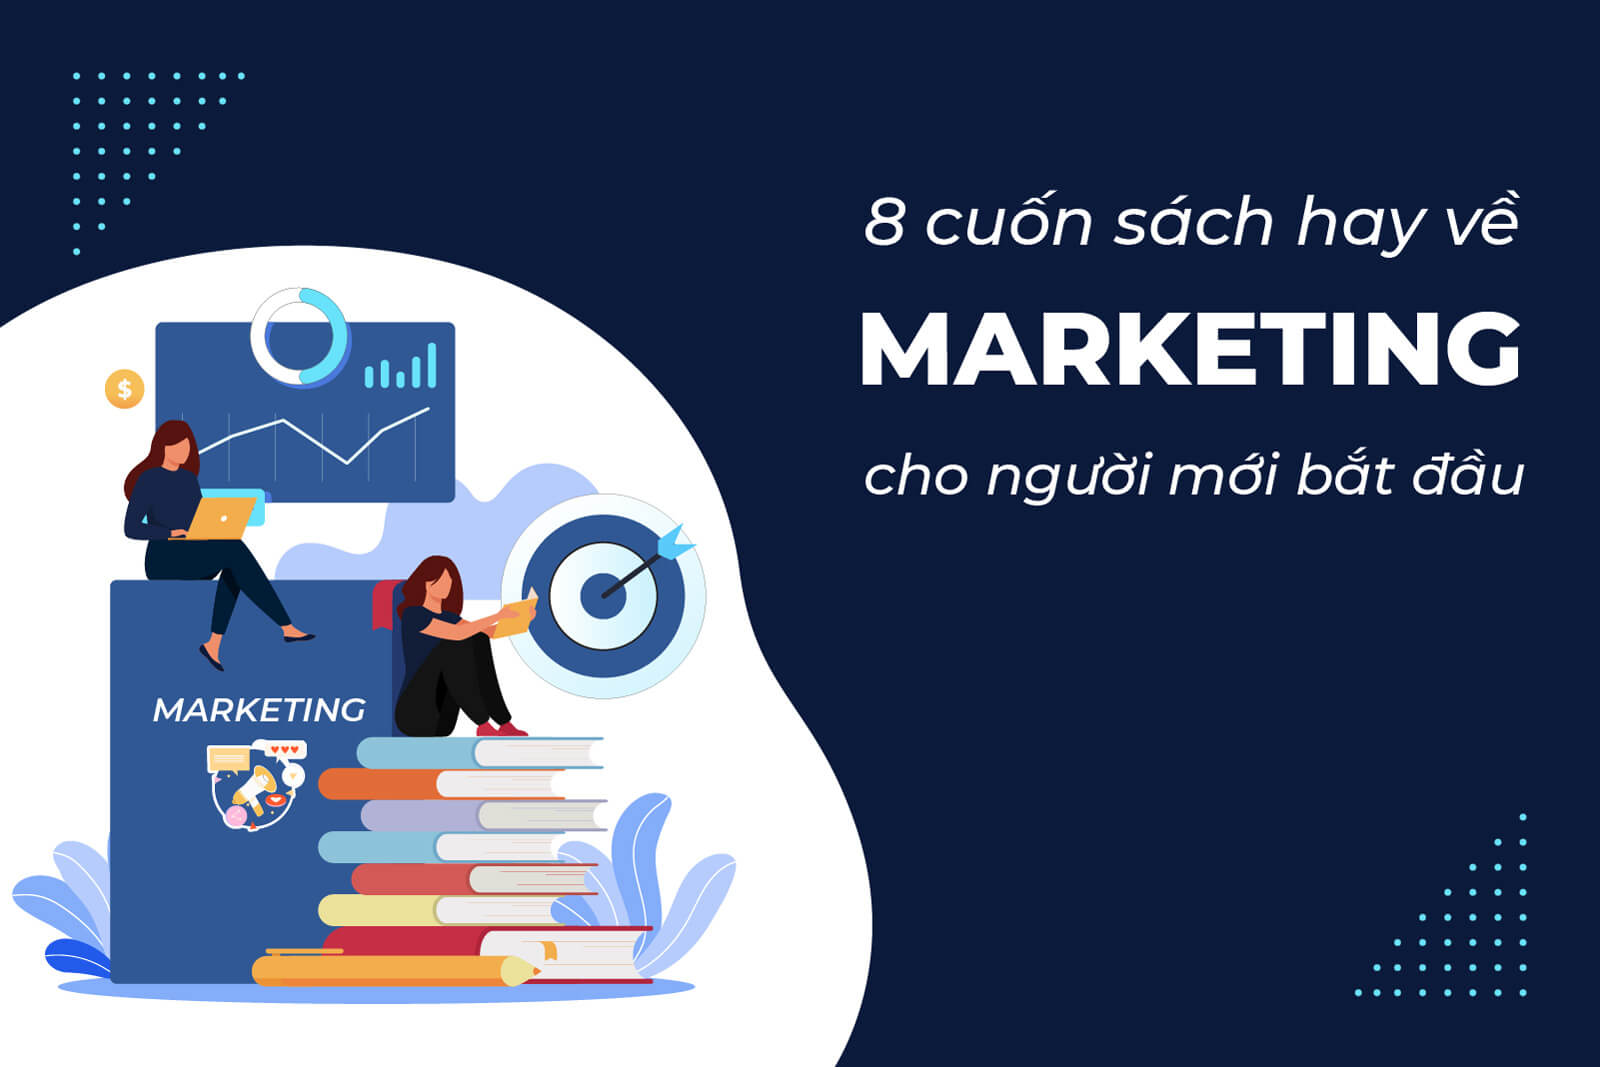 8 cuốn sách hay về Marketing cho người mới bắt đầu